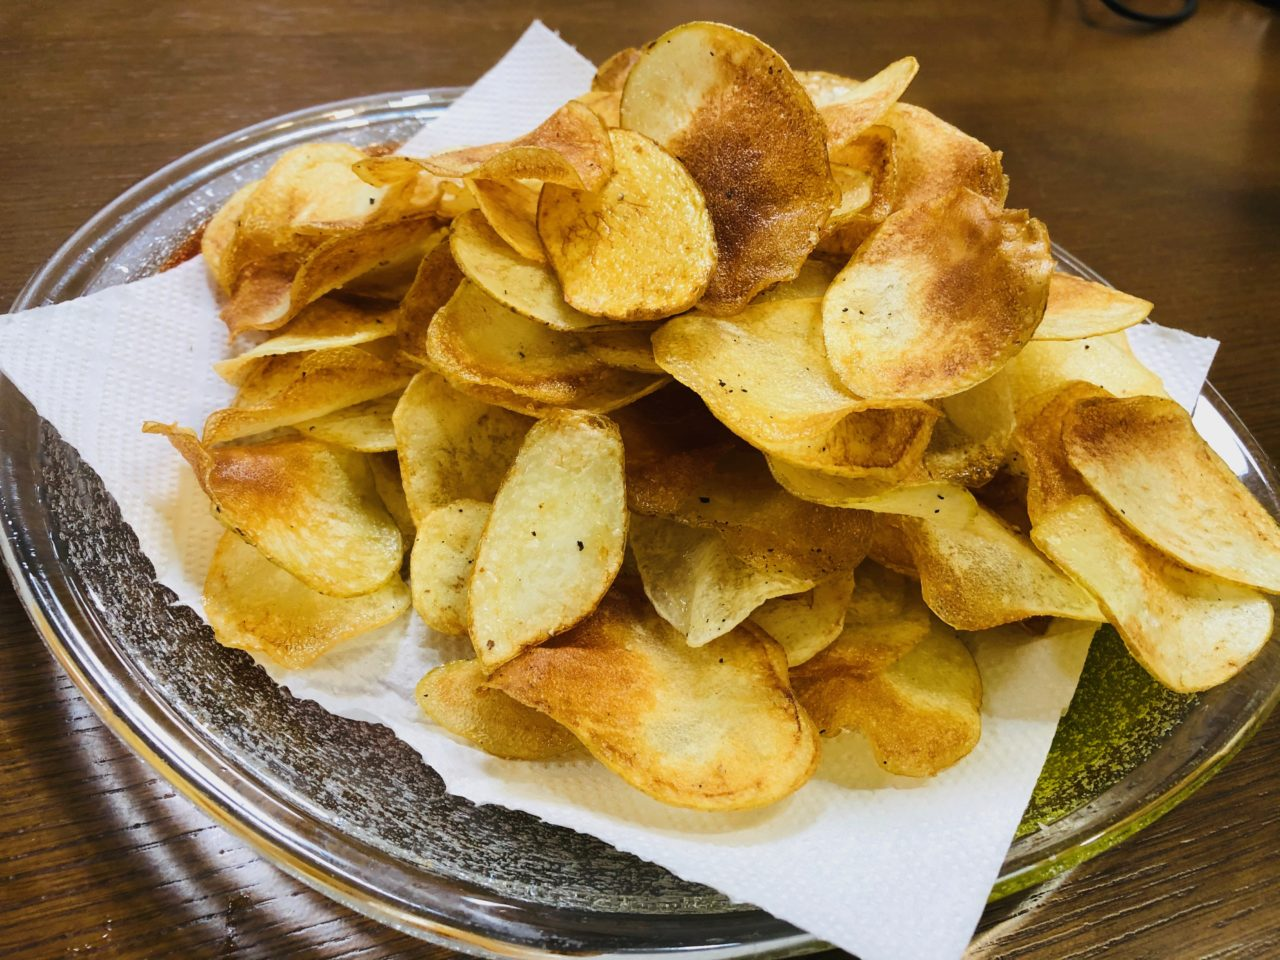 【子供のおやつにぴったり!】無添加・無化学調味料ポテトチップス・さつまいもチップスの作り方